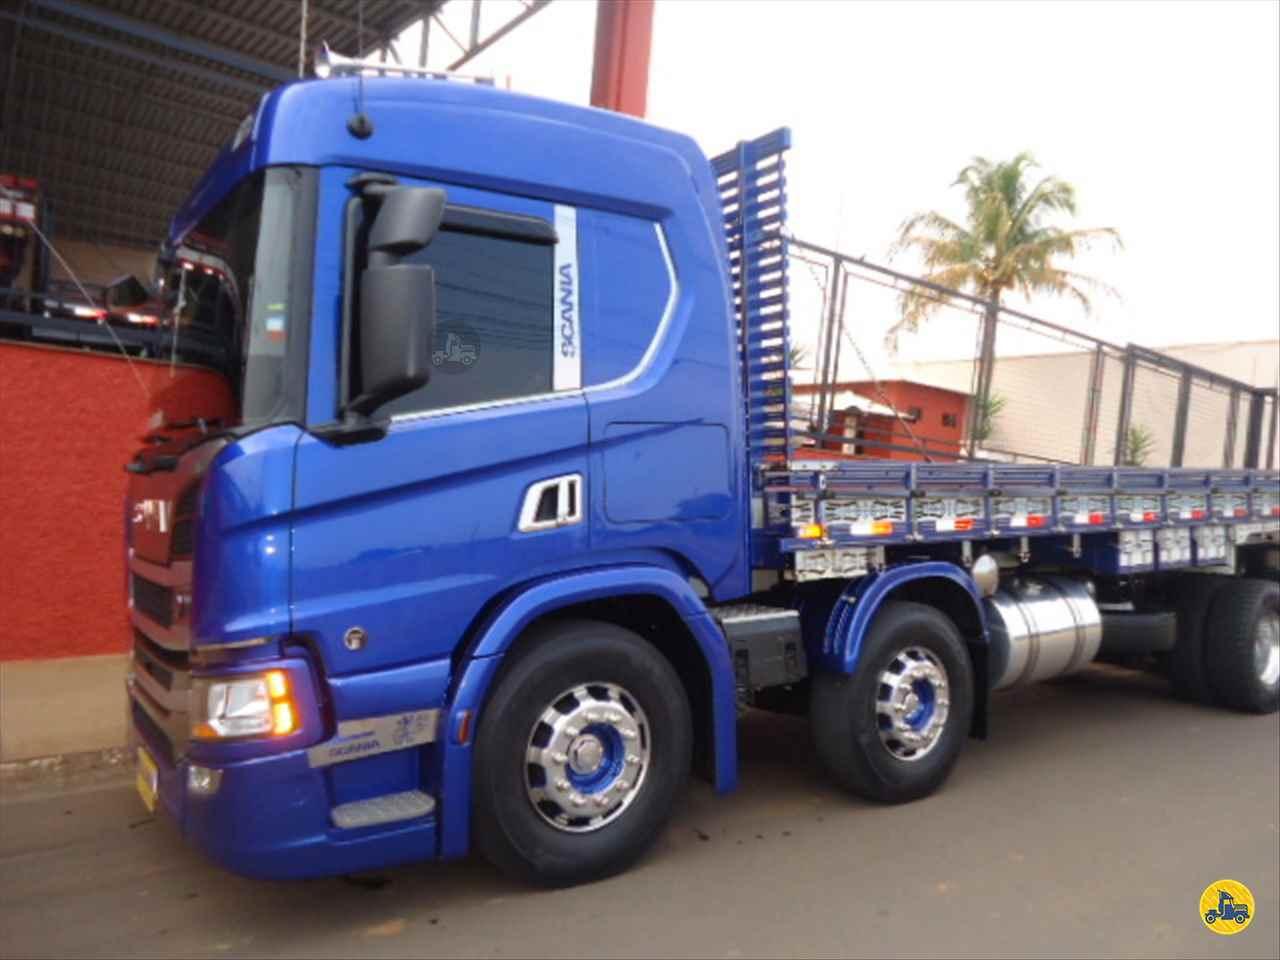 CAMINHAO SCANIA SCANIA P320 Carga Seca BiTruck 8x2 Talismã Veículos VARGEM GRANDE DO SUL SÃO PAULO SP